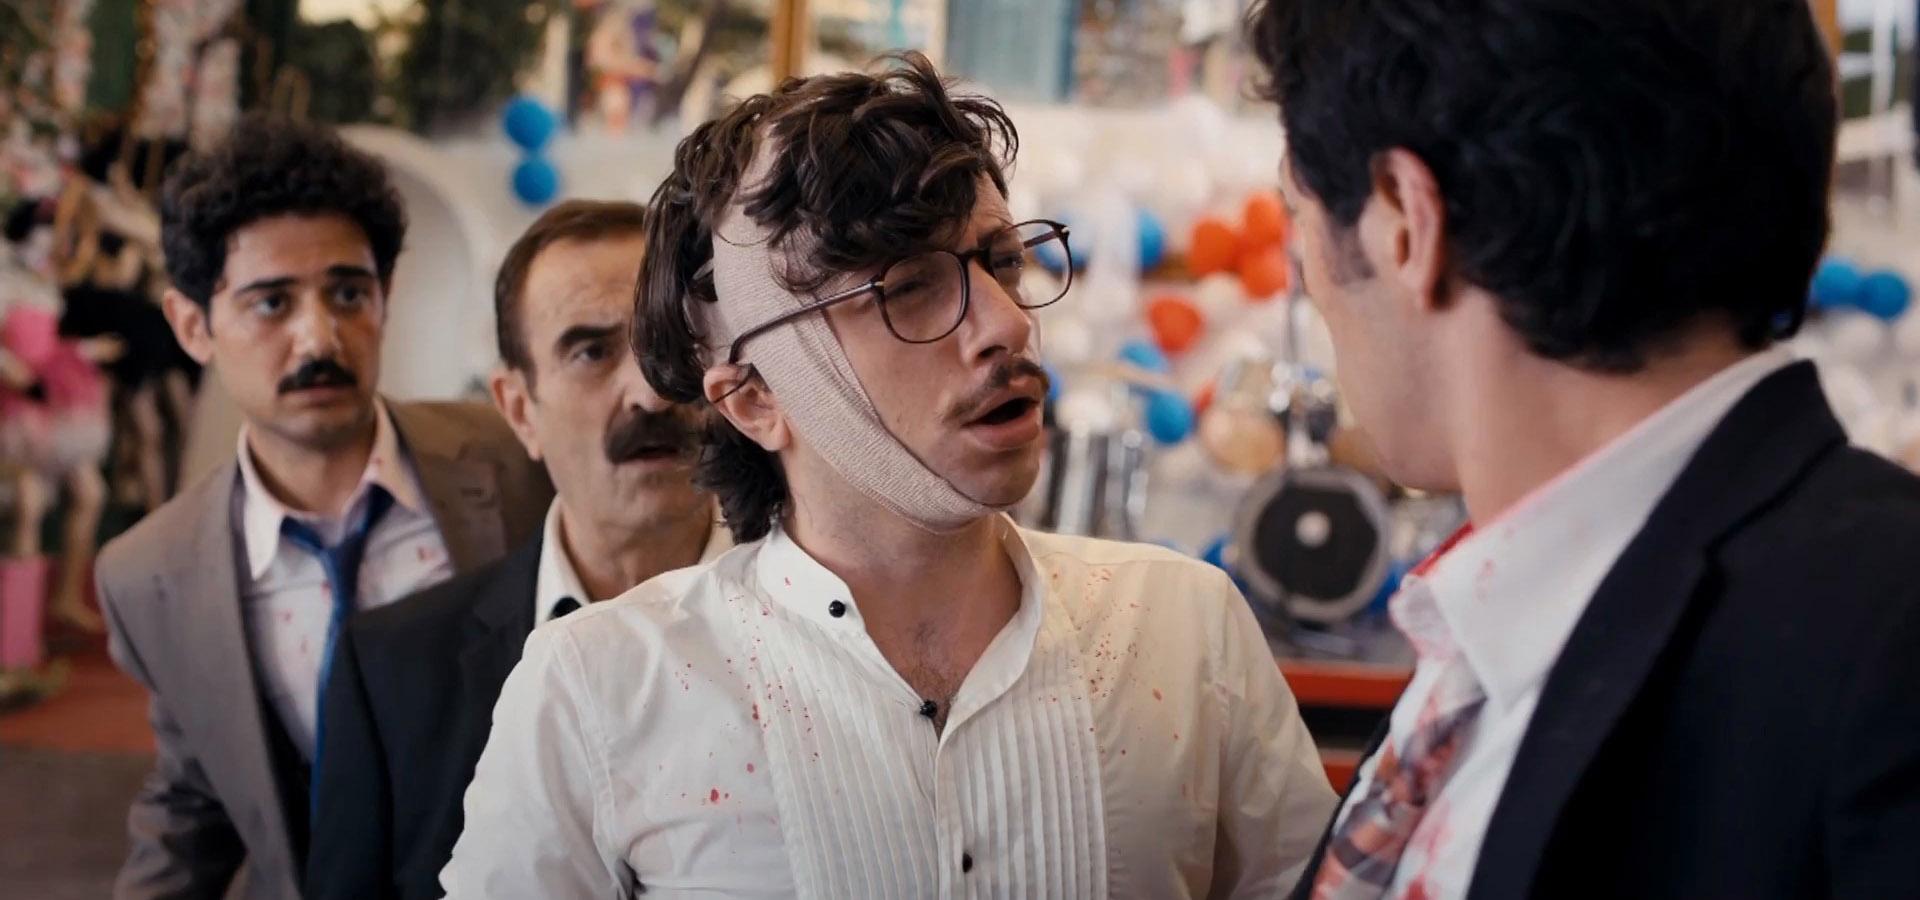 Erkek Tarafı: Testosteron | 2013 | Yerli Film | WEB-DL | XviD | Sansürsüz | 1080p - m720p - m1080p | WEB-DL | Tek Link